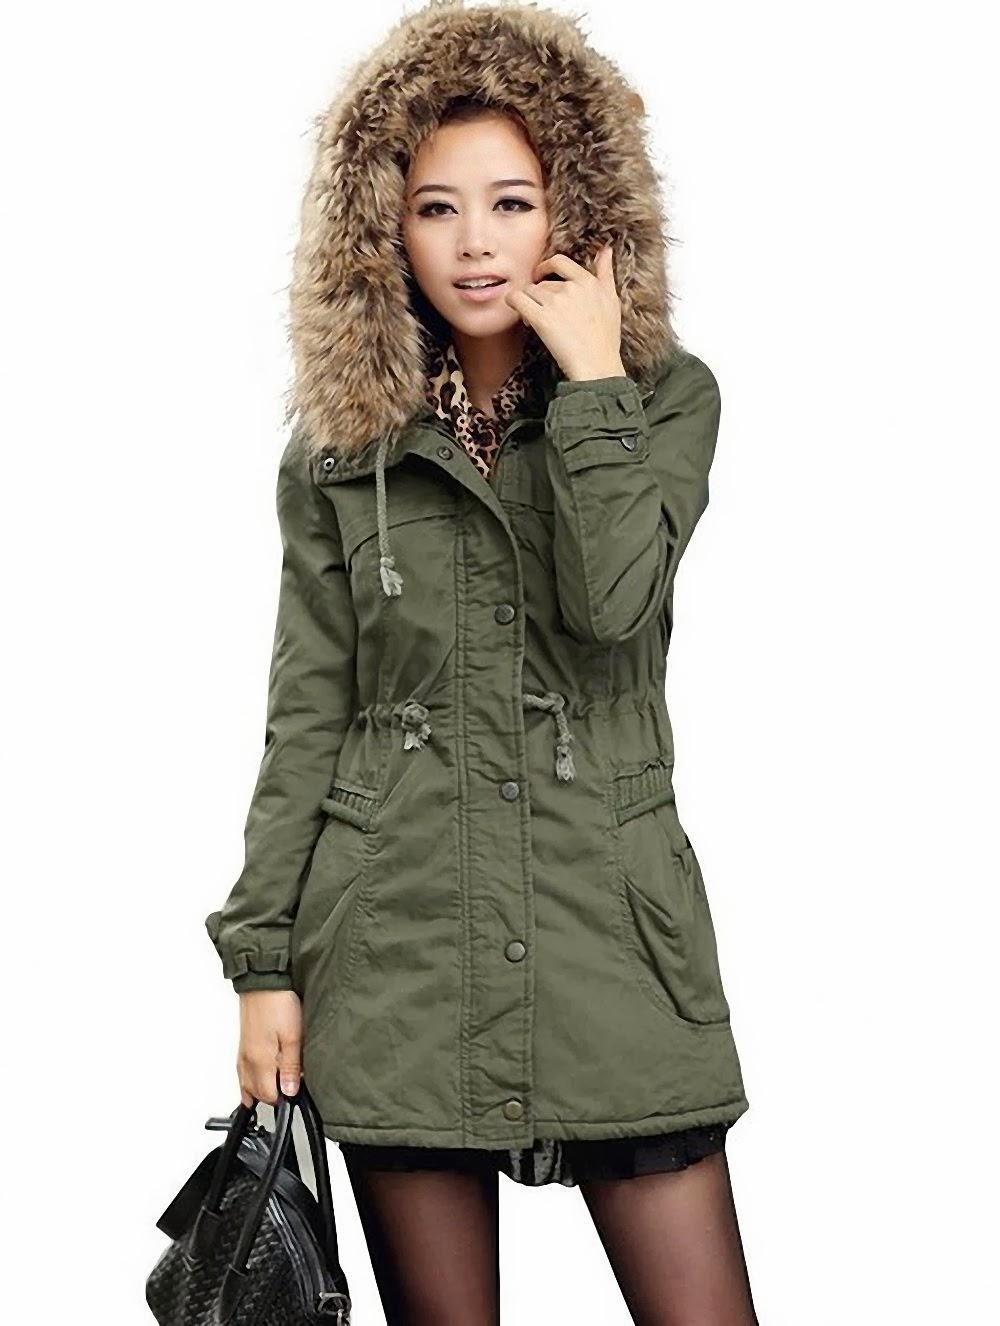 Pour ne pas être en froid avec la mode, focus sur les vestes d'hiver pour femme. Parkas, doudounes et autres vestes se veulent féminines autant que réconfortantes. Parkas, doudounes et autres vestes se veulent féminines autant que réconfortantes.